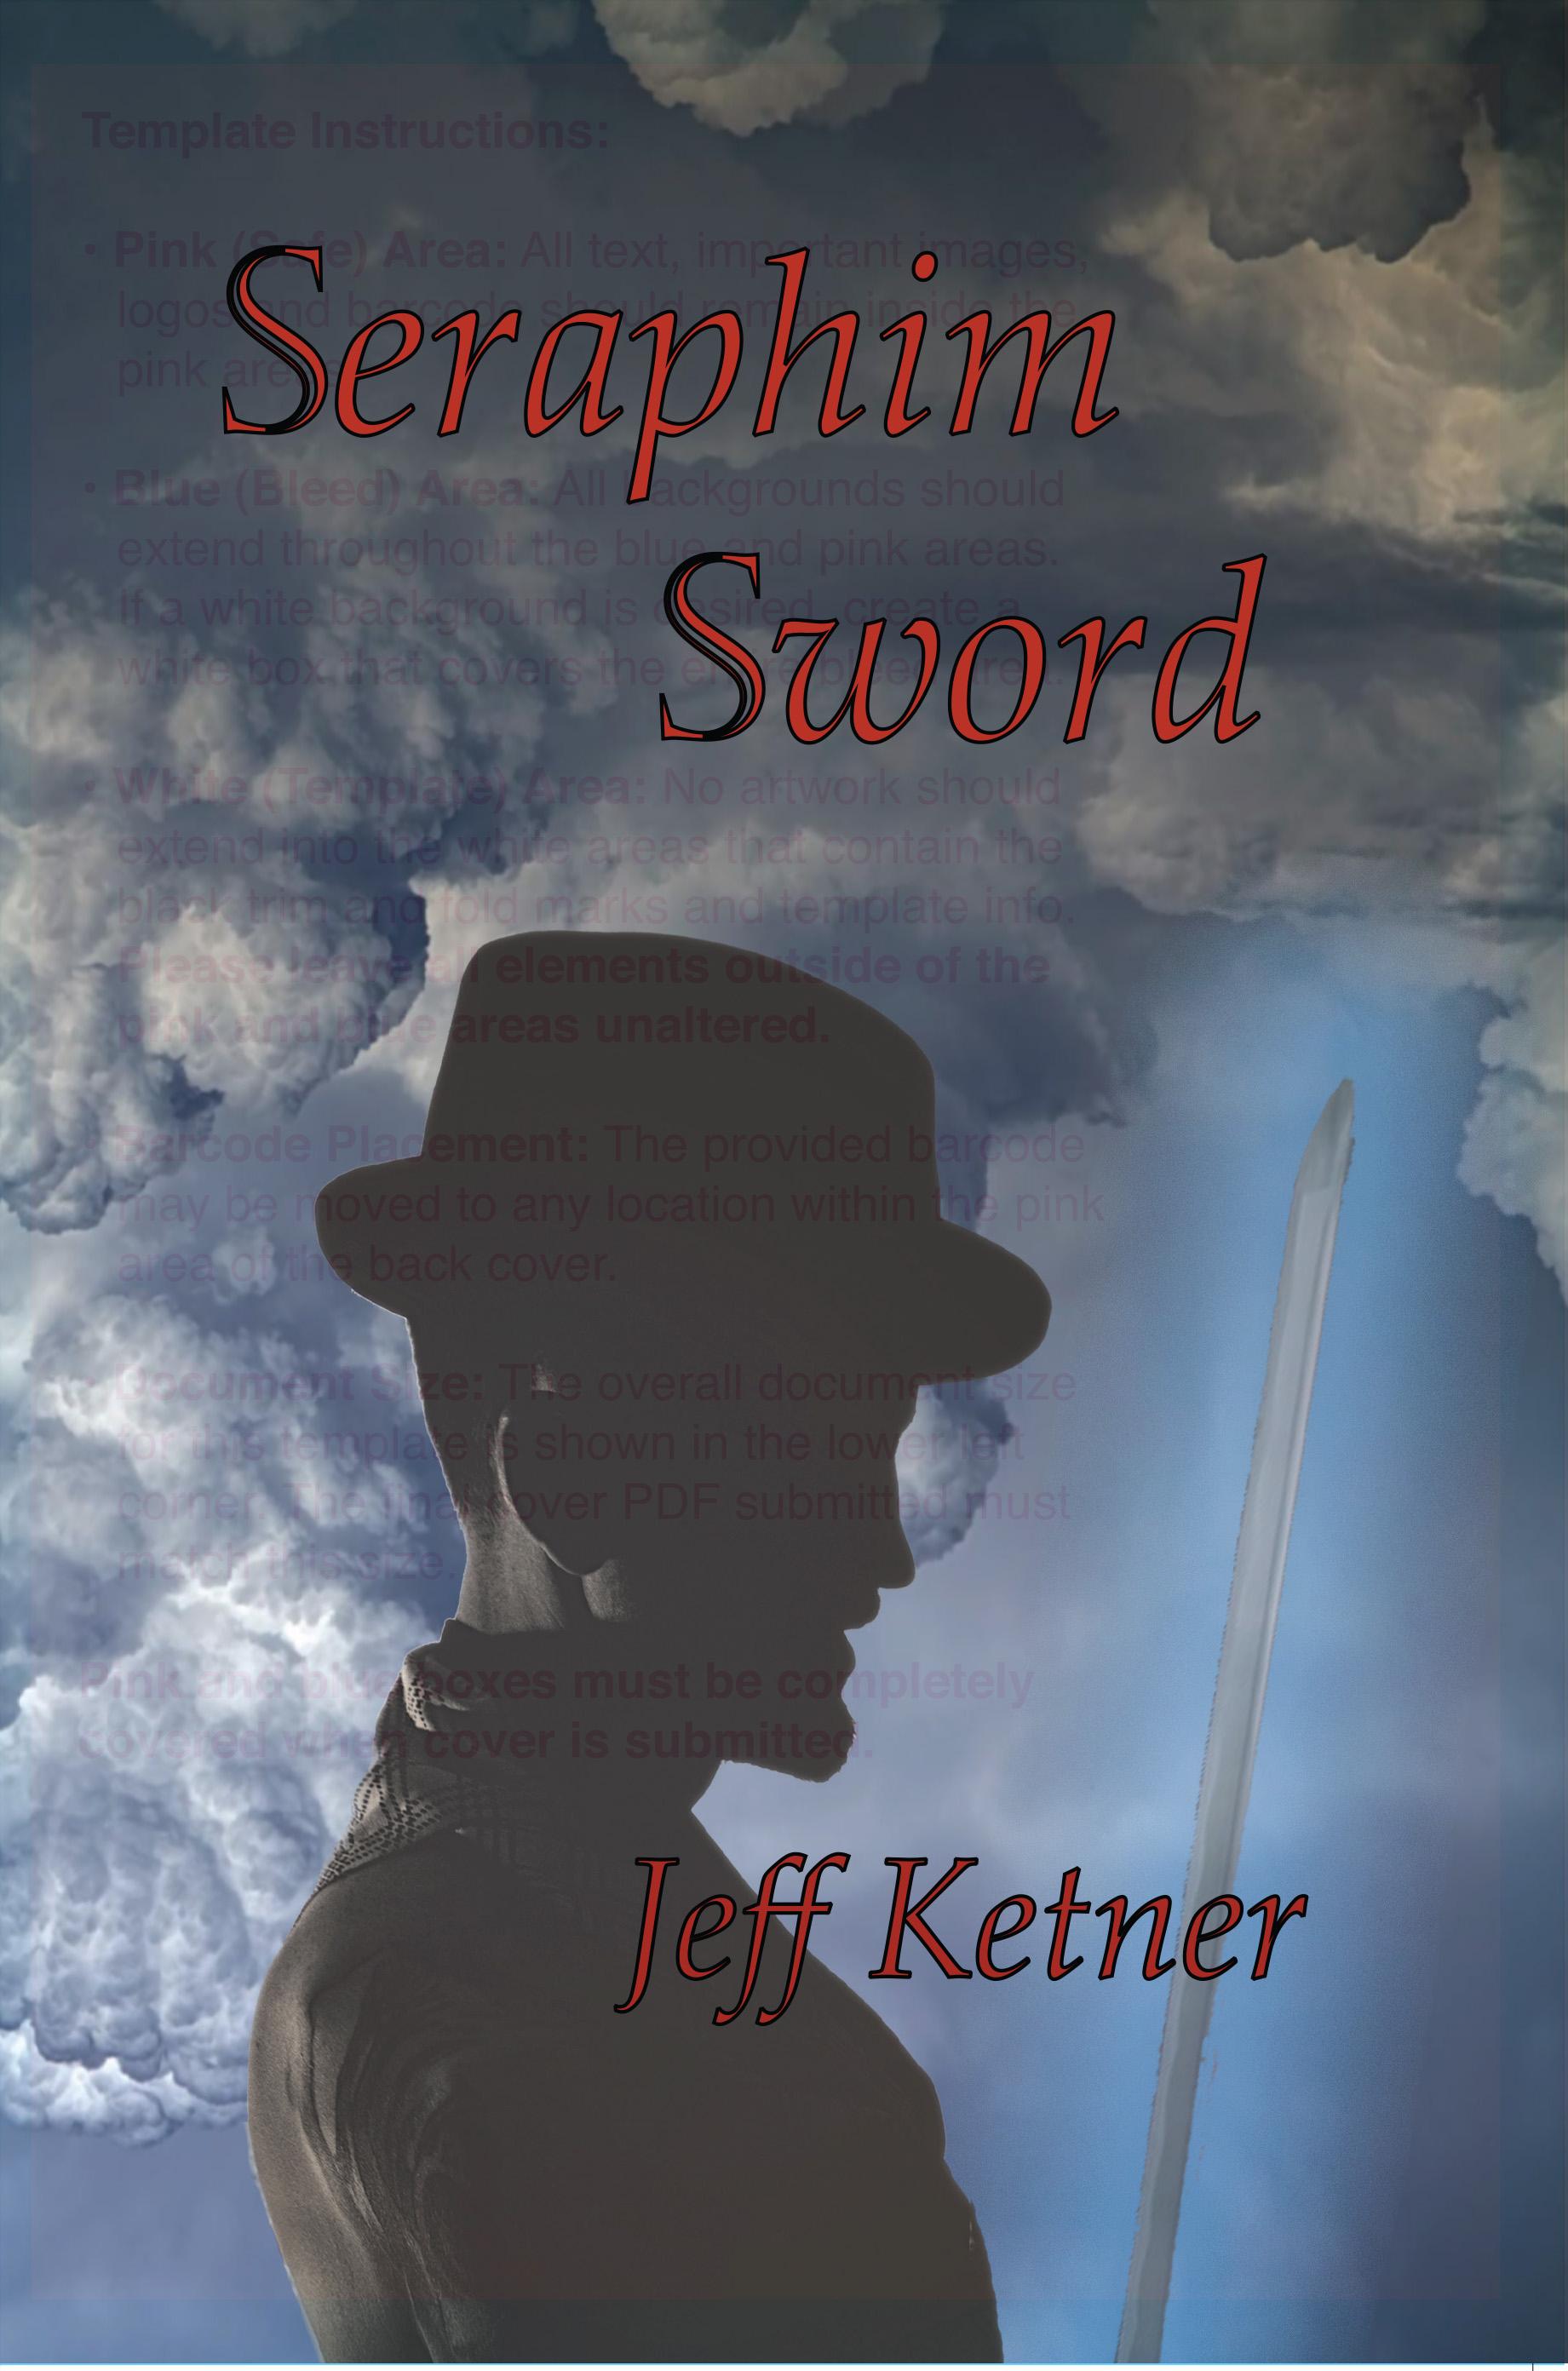 Seraphim Sword, an Ebook by Jeff Ketner